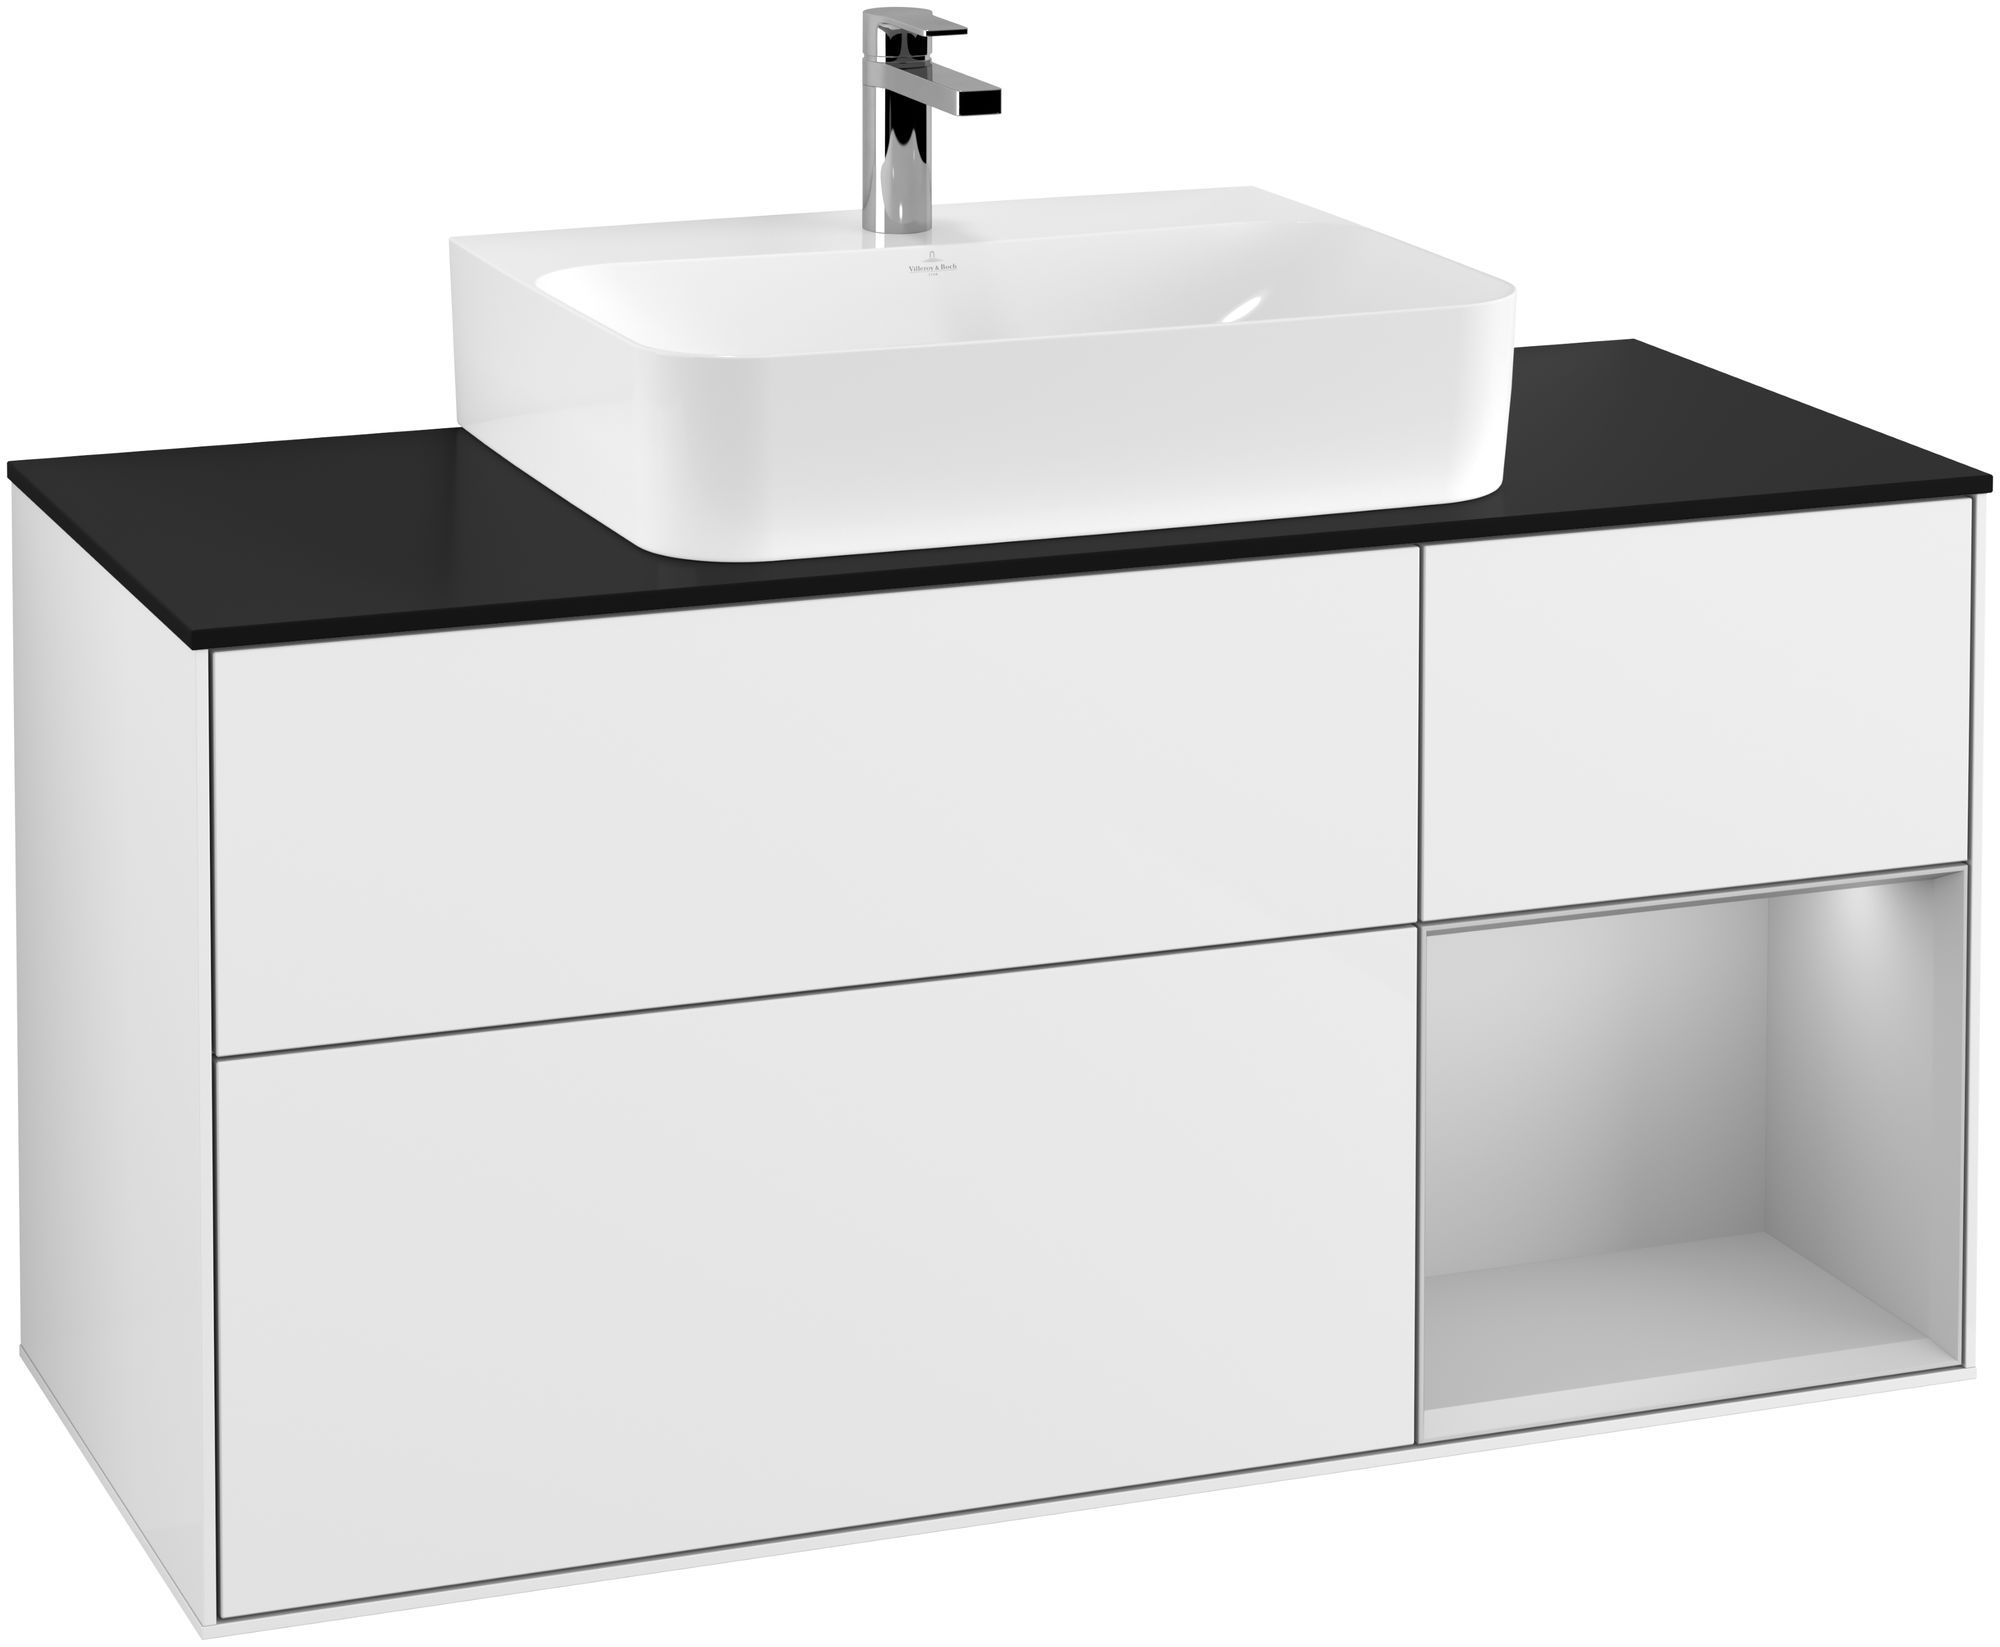 Villeroy & Boch Finion G17 Waschtischunterschrank mit Regalelement 3 Auszüge für WT mittig LED-Beleuchtung B:120xH:60,3xT:50,1cm Front, Korpus: Glossy White Lack, Regal: Light Grey Matt, Glasplatte: Black Matt G172GJGF